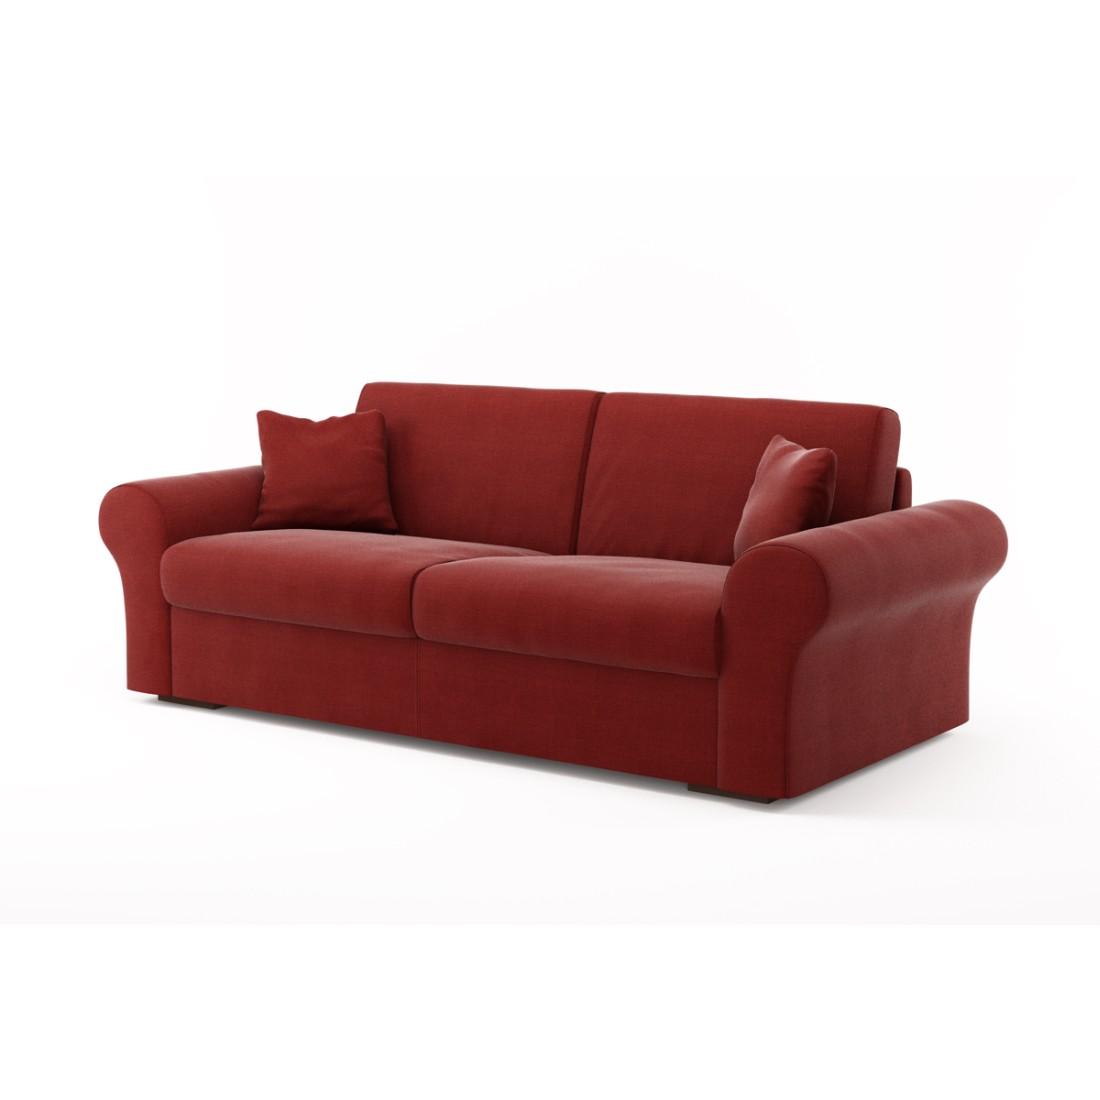 Schlafsofa Novo (3-Sitzer) – Mercurio 17 (Bordeauxrot), Von Wilmowsky günstig bestellen